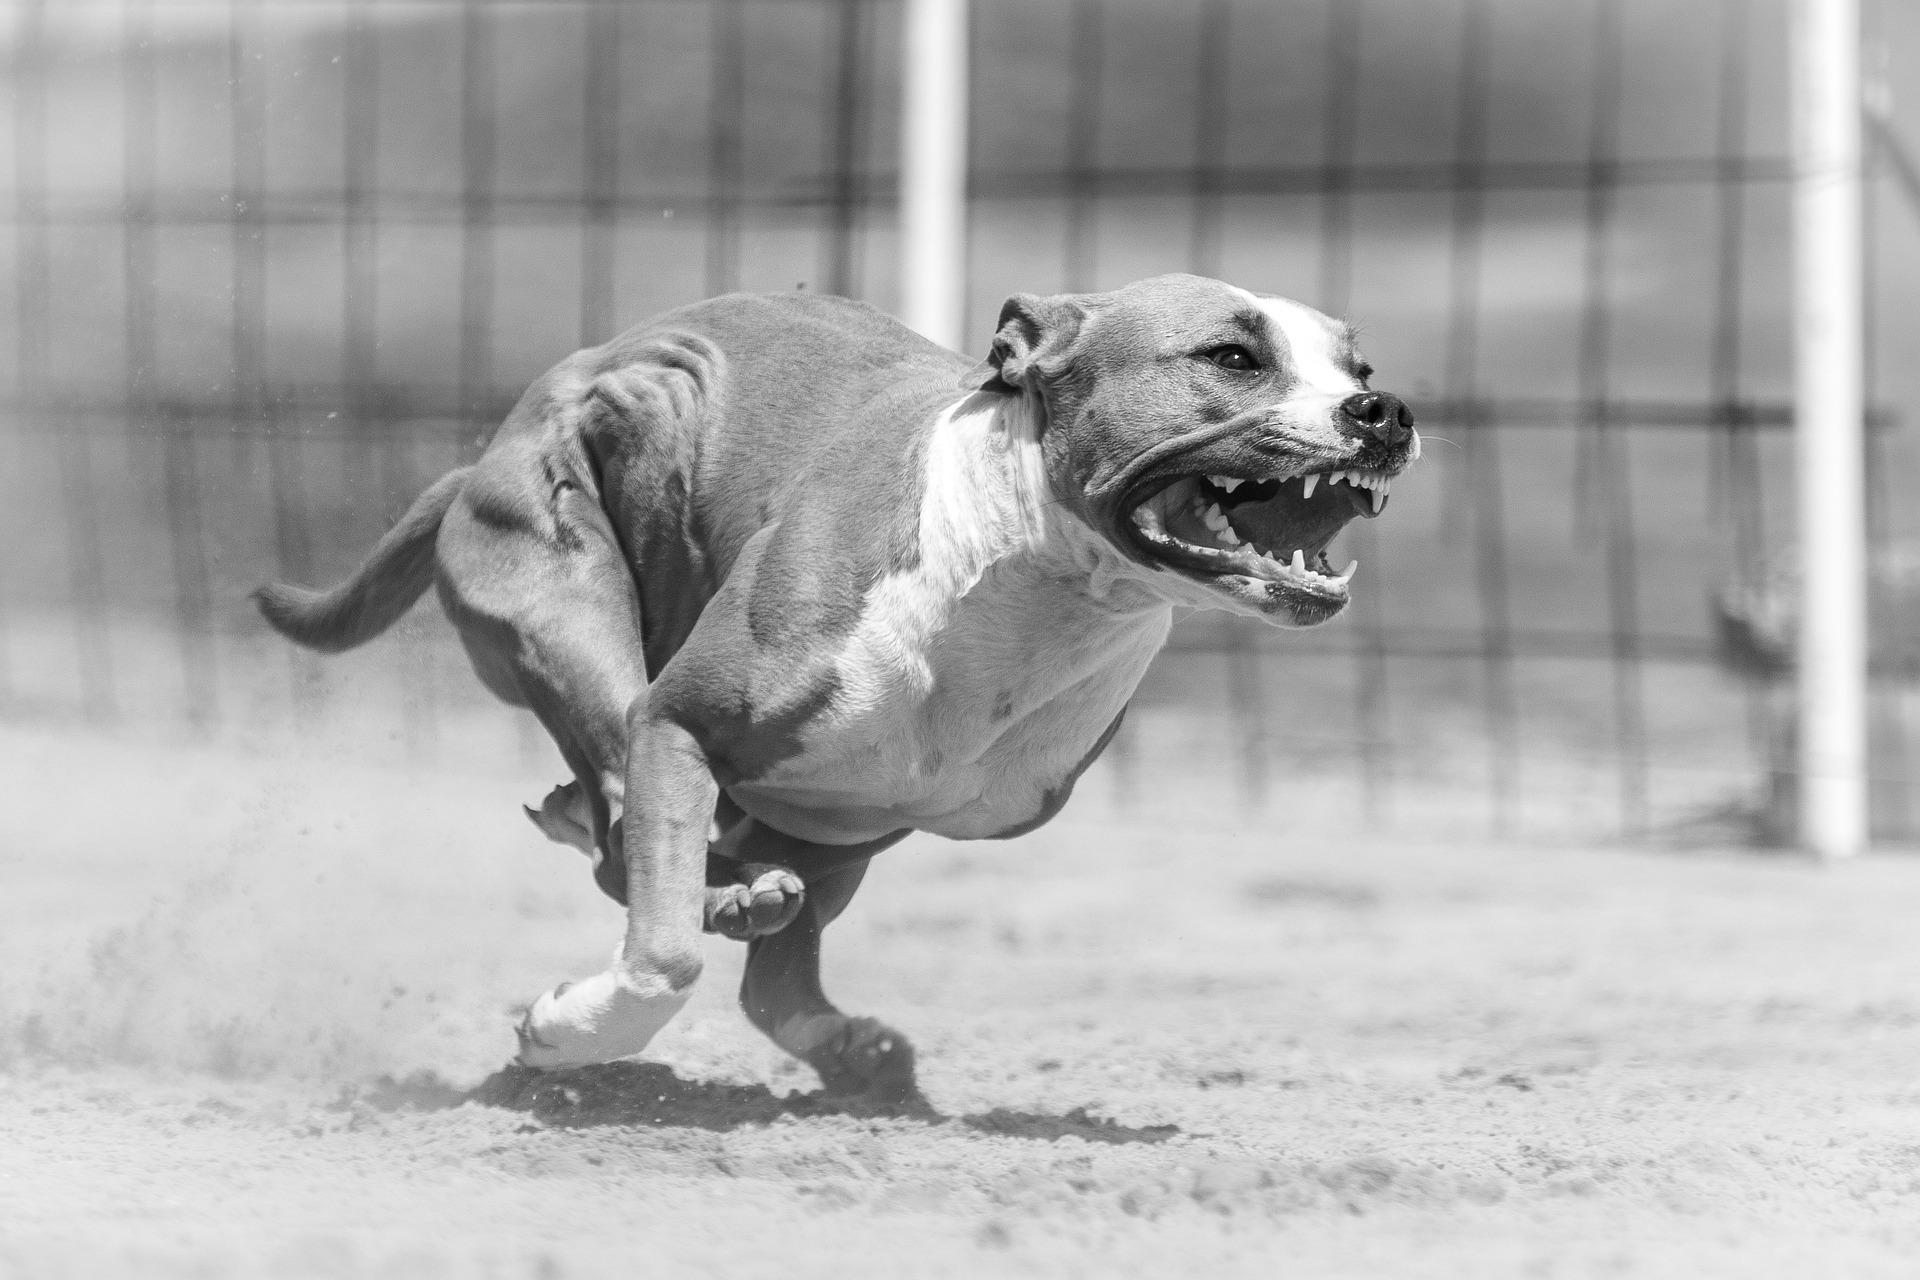 애완동물이 사람 다치게 하면.. 처벌 수위가..